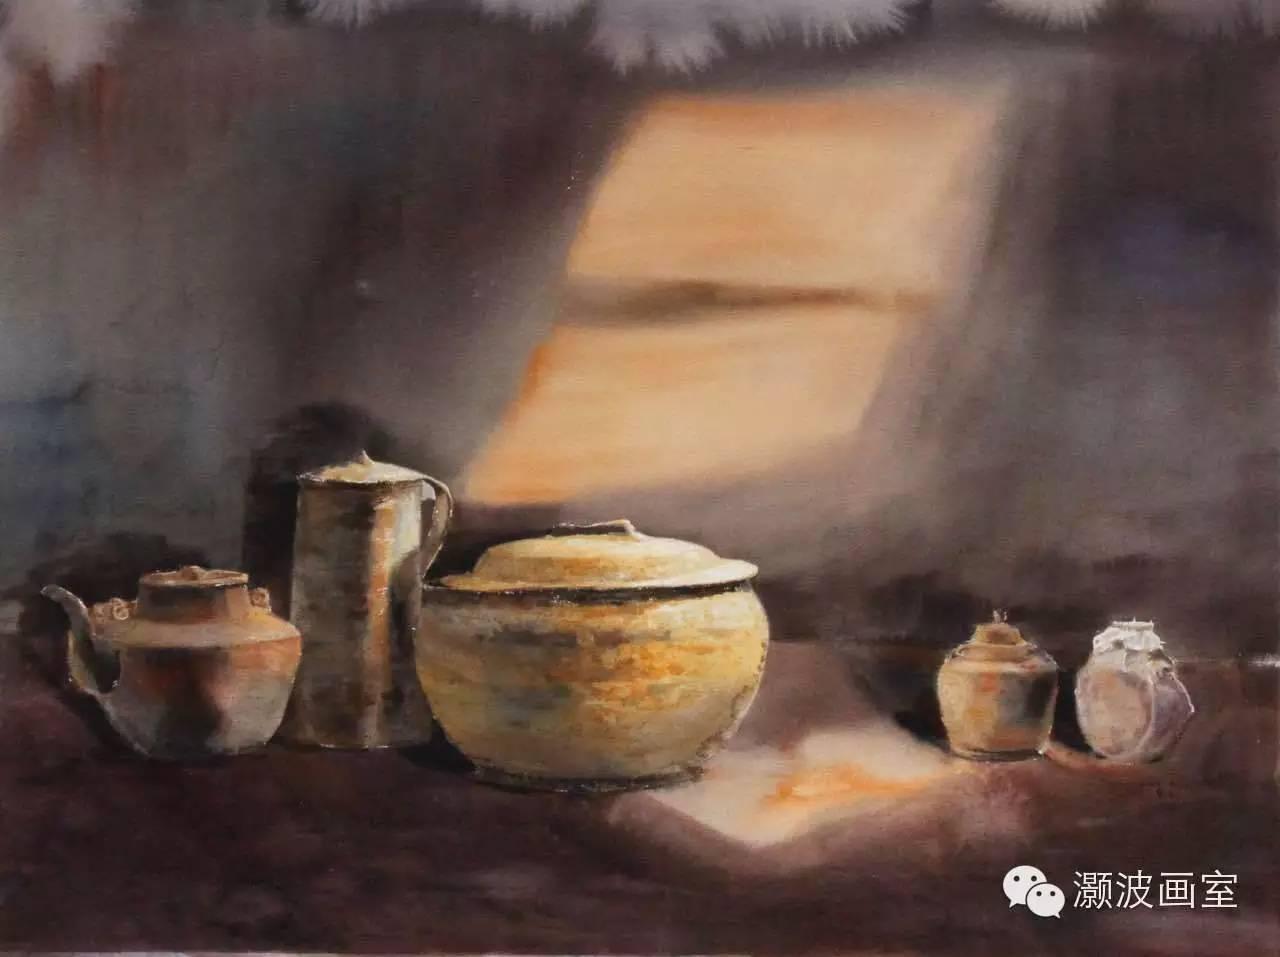 著名蒙古族青年水彩画家宝玉作品欣赏 第2张 著名蒙古族青年水彩画家宝玉作品欣赏 蒙古画廊